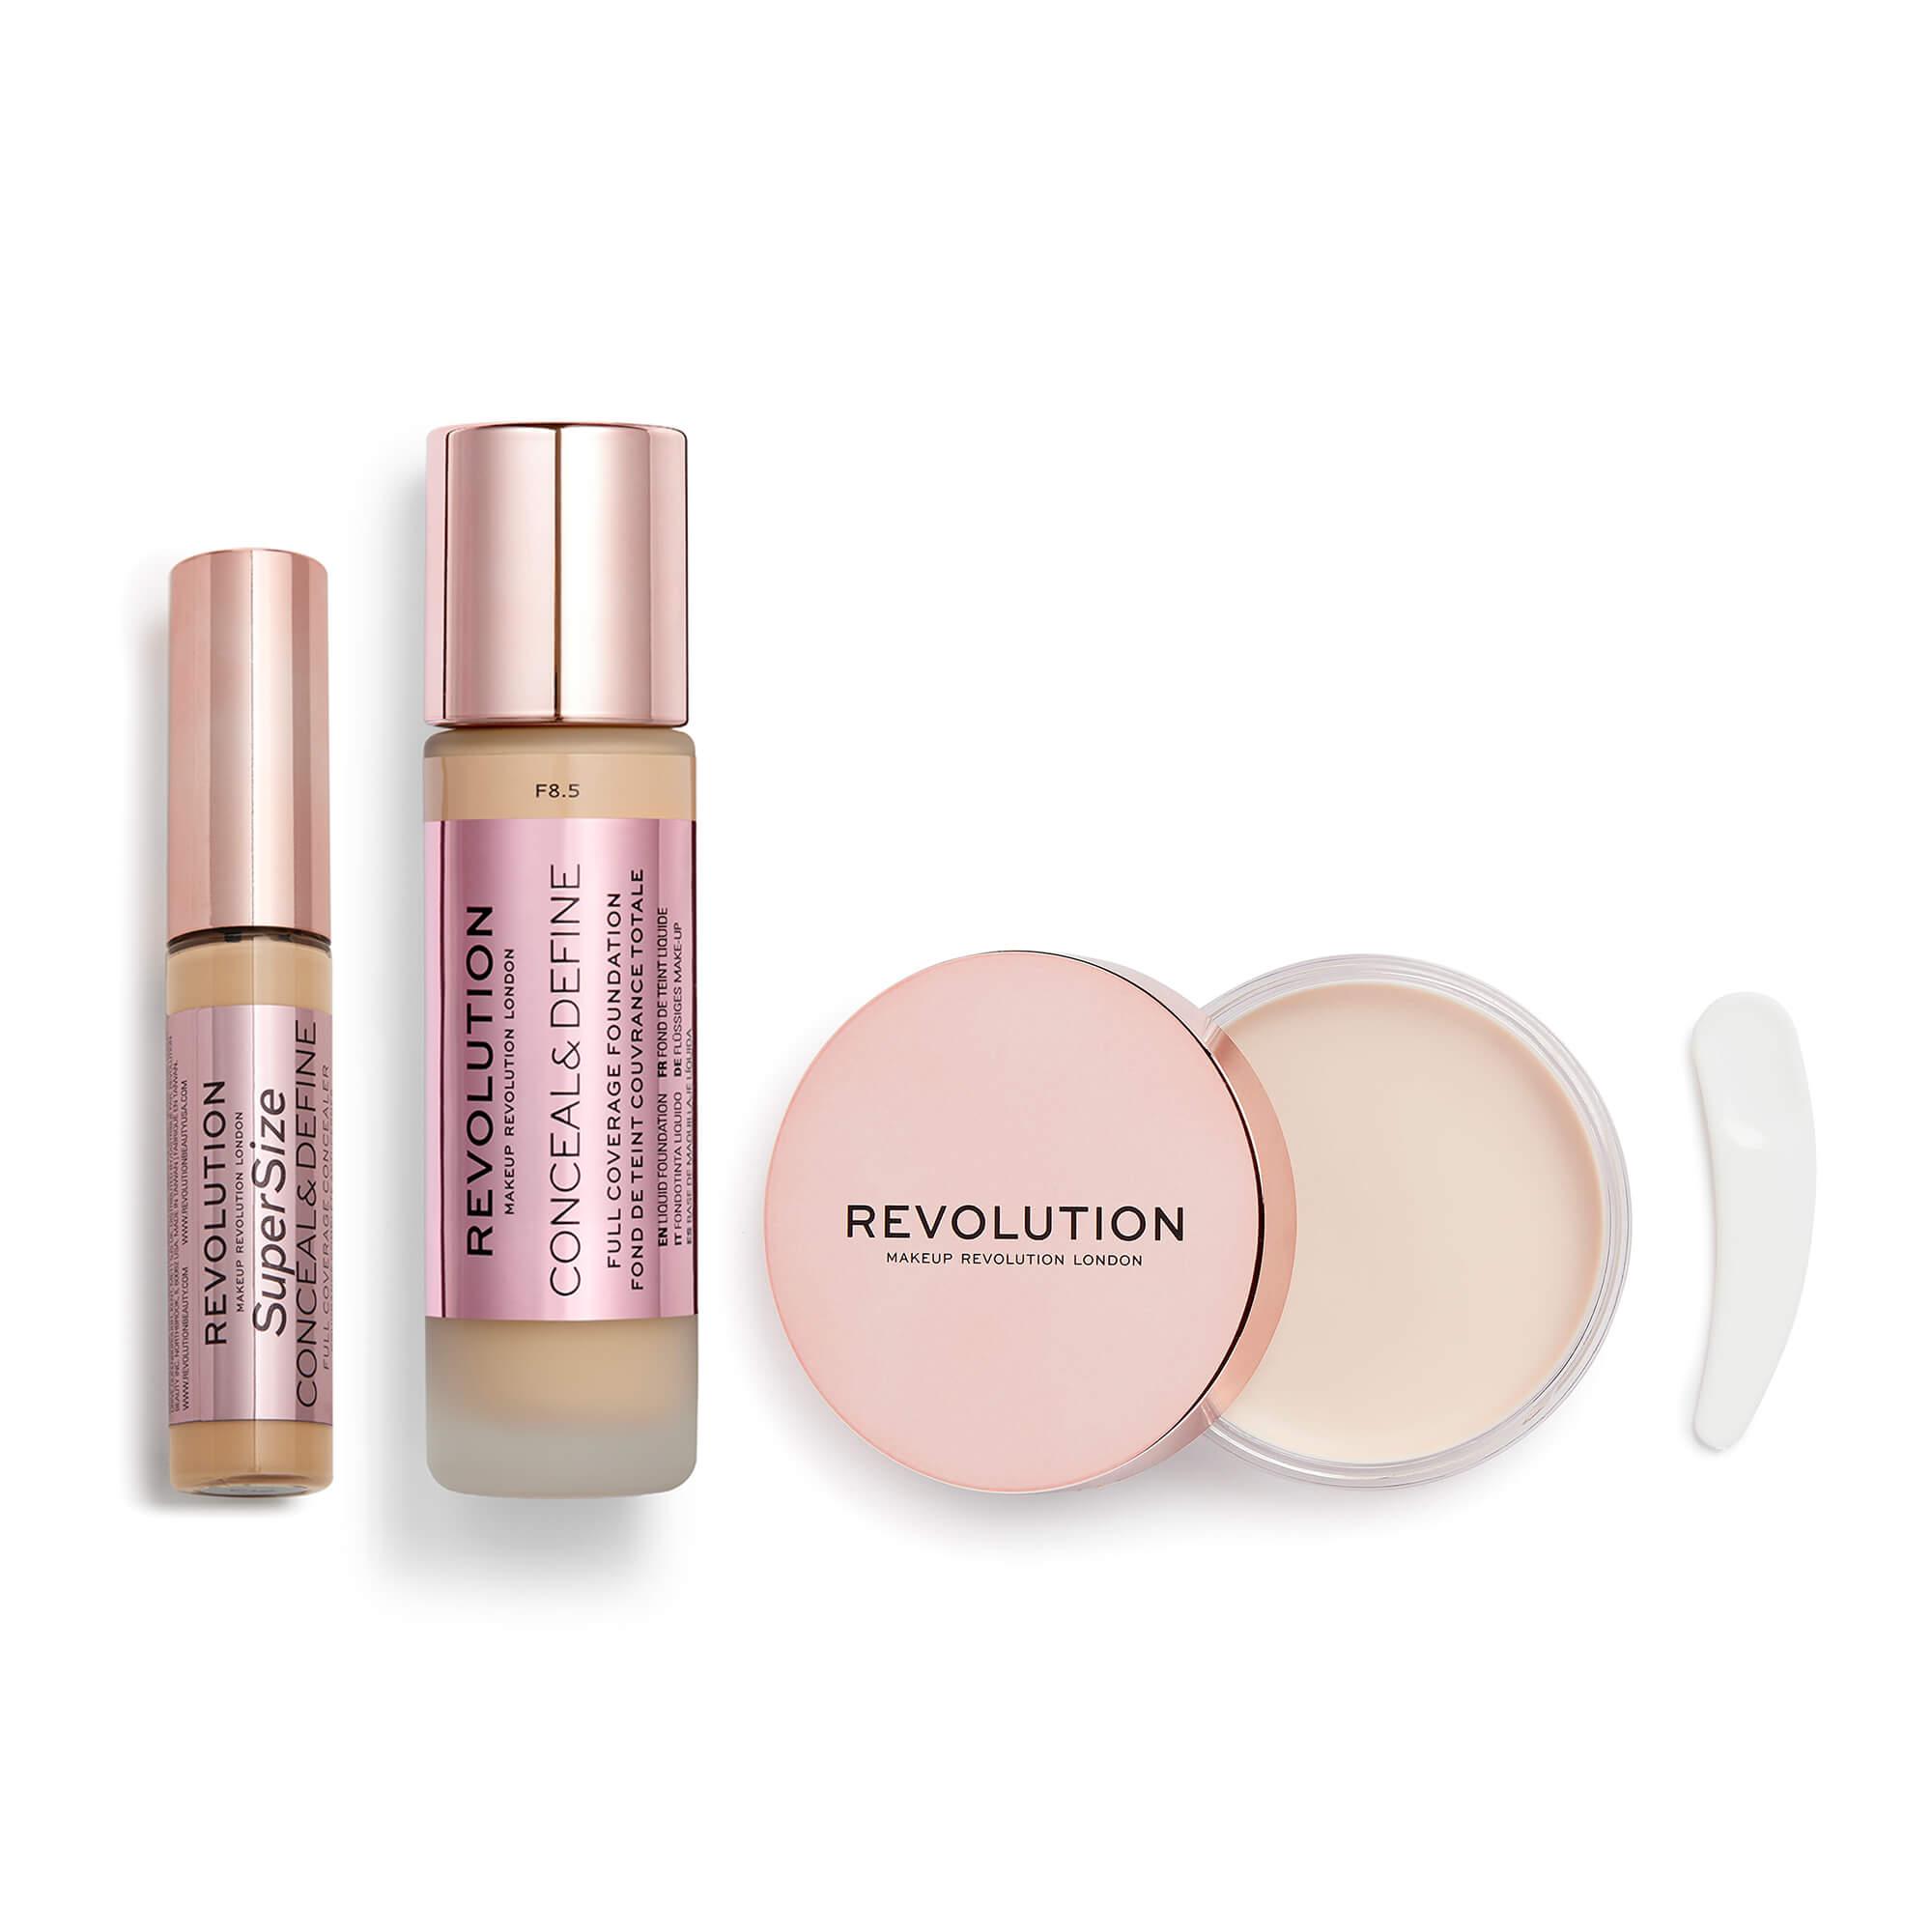 Build your own bundle including a Revolution Beauty foundation, concealer & primer